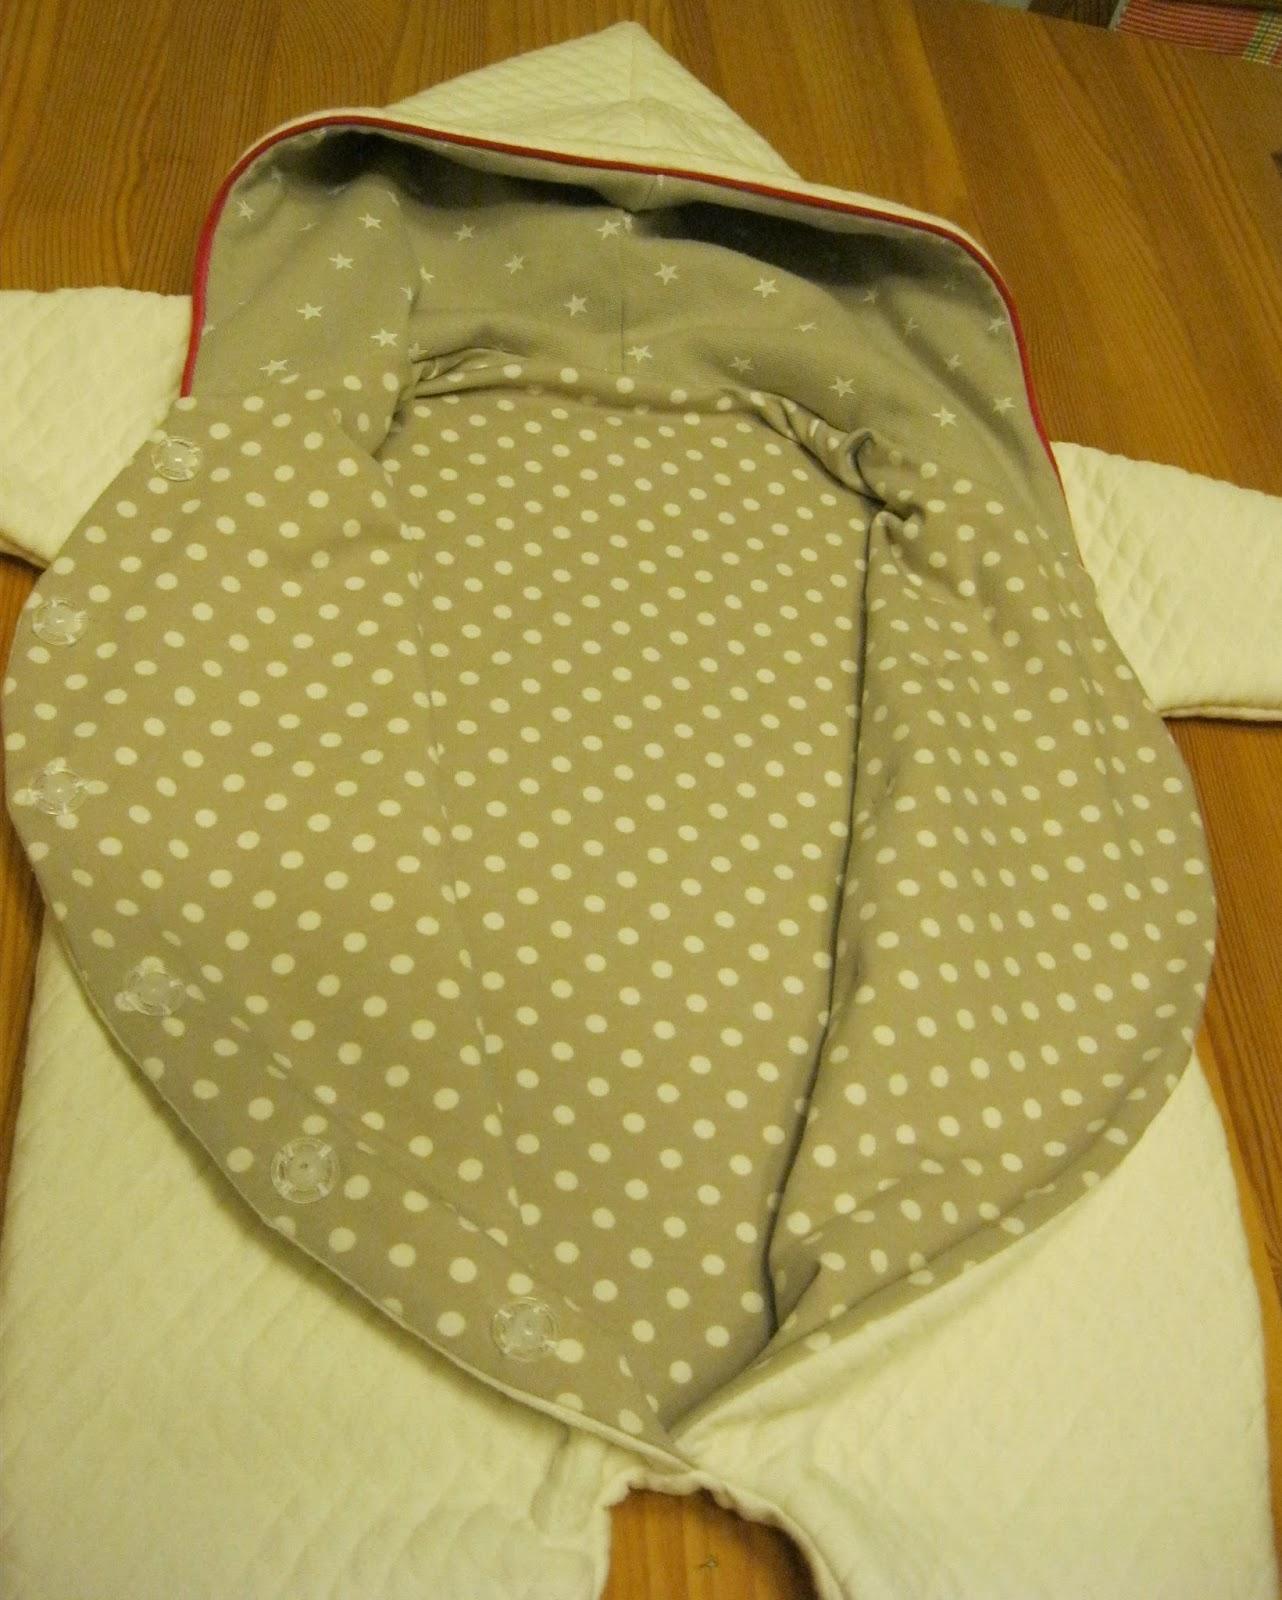 Wellness an der Nähmaschine: Babyoverall 10550 von Minikrea